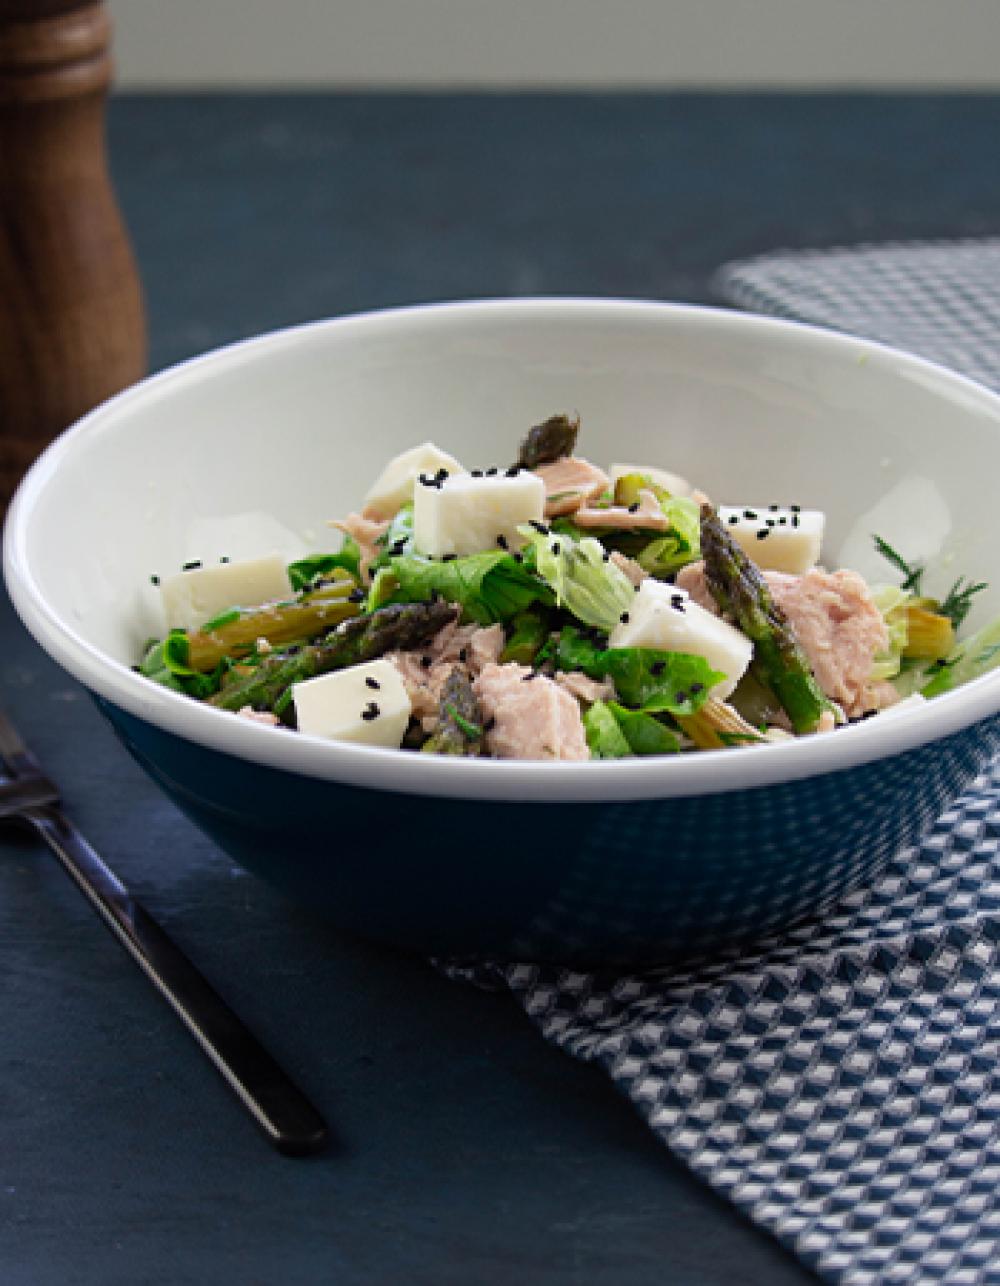 Sağlıklı Beslenenleri Böyle Alalım: Doyurucu ve Lezzetli Salata Tarifleri